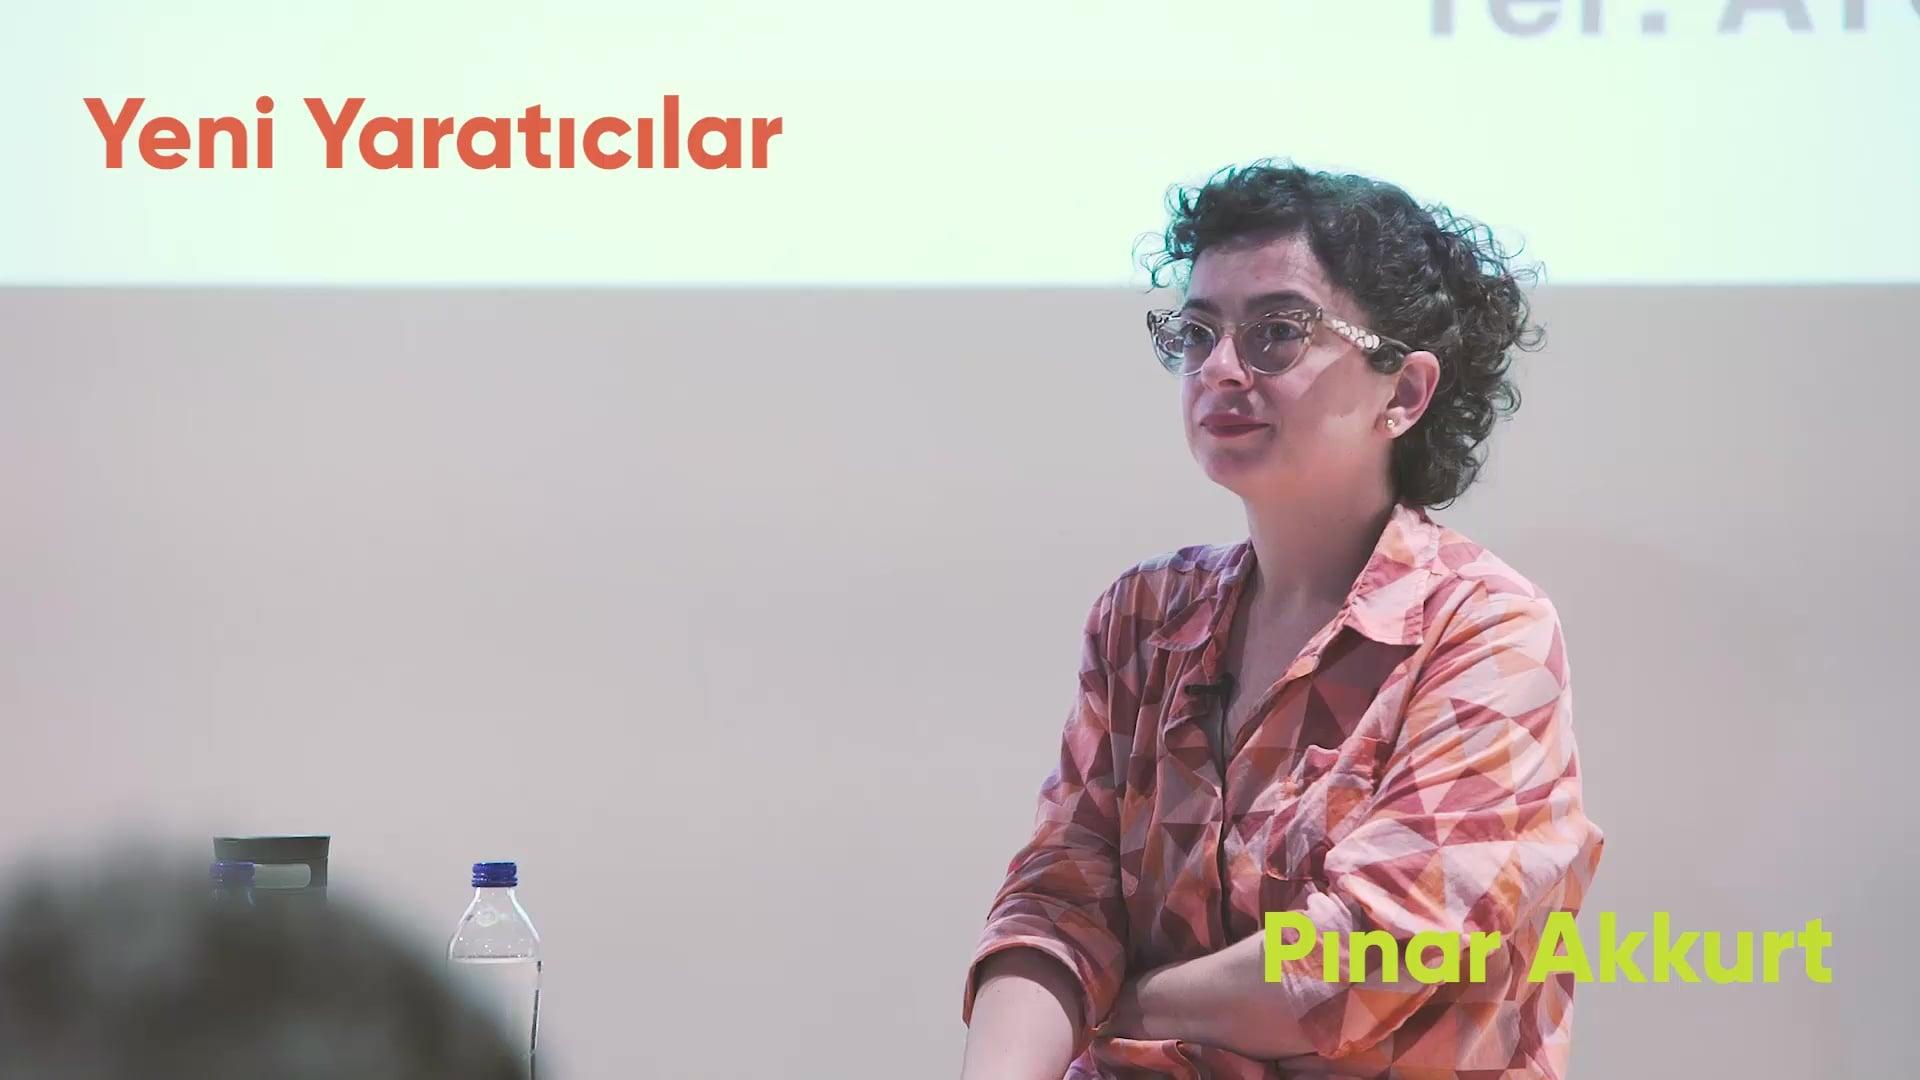 Etkinliğin Ardından: Yeni Yaratıcılar – Pınar Akkurt